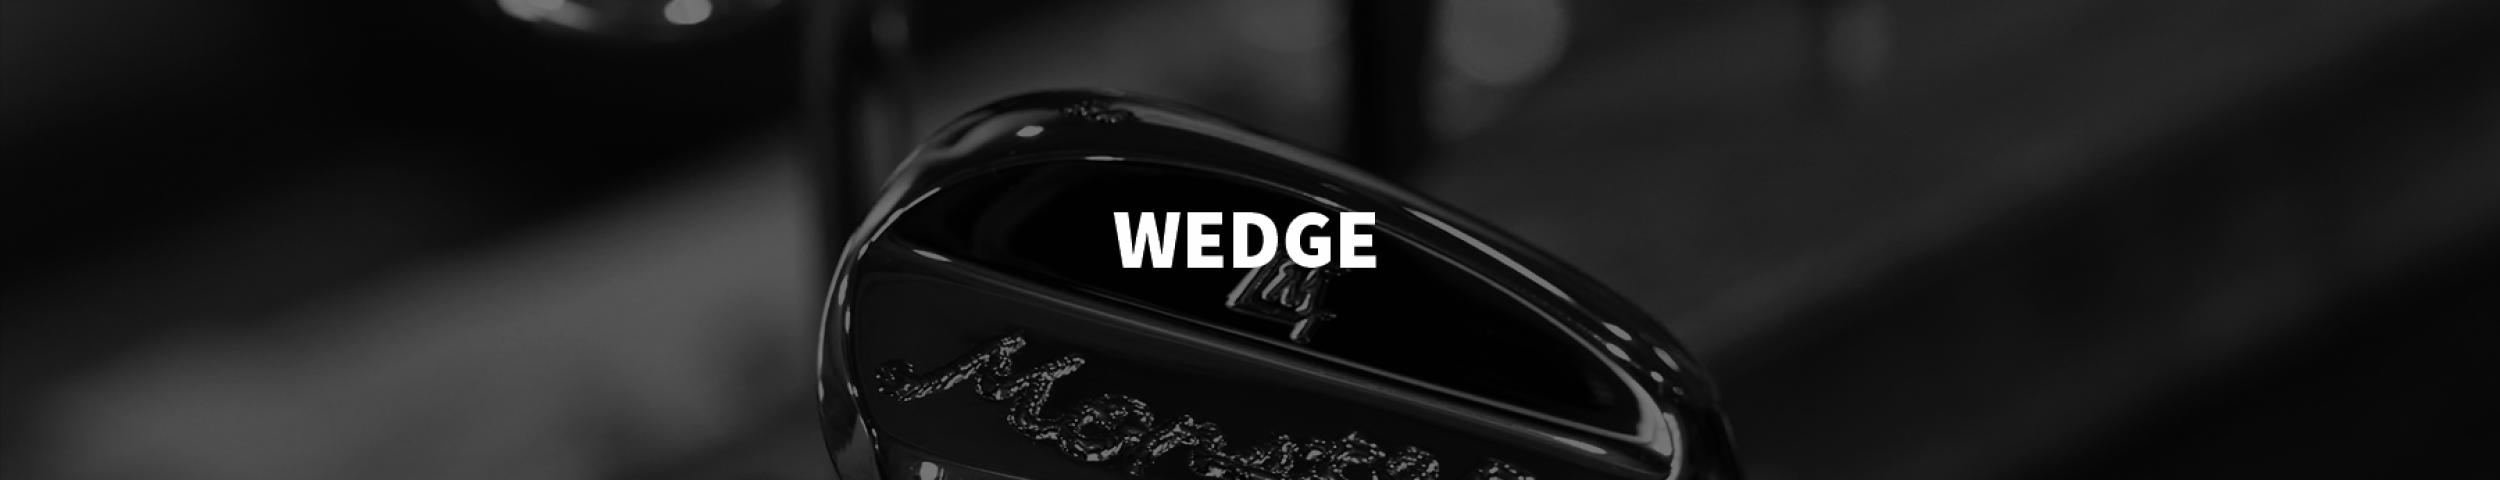 img_wedge